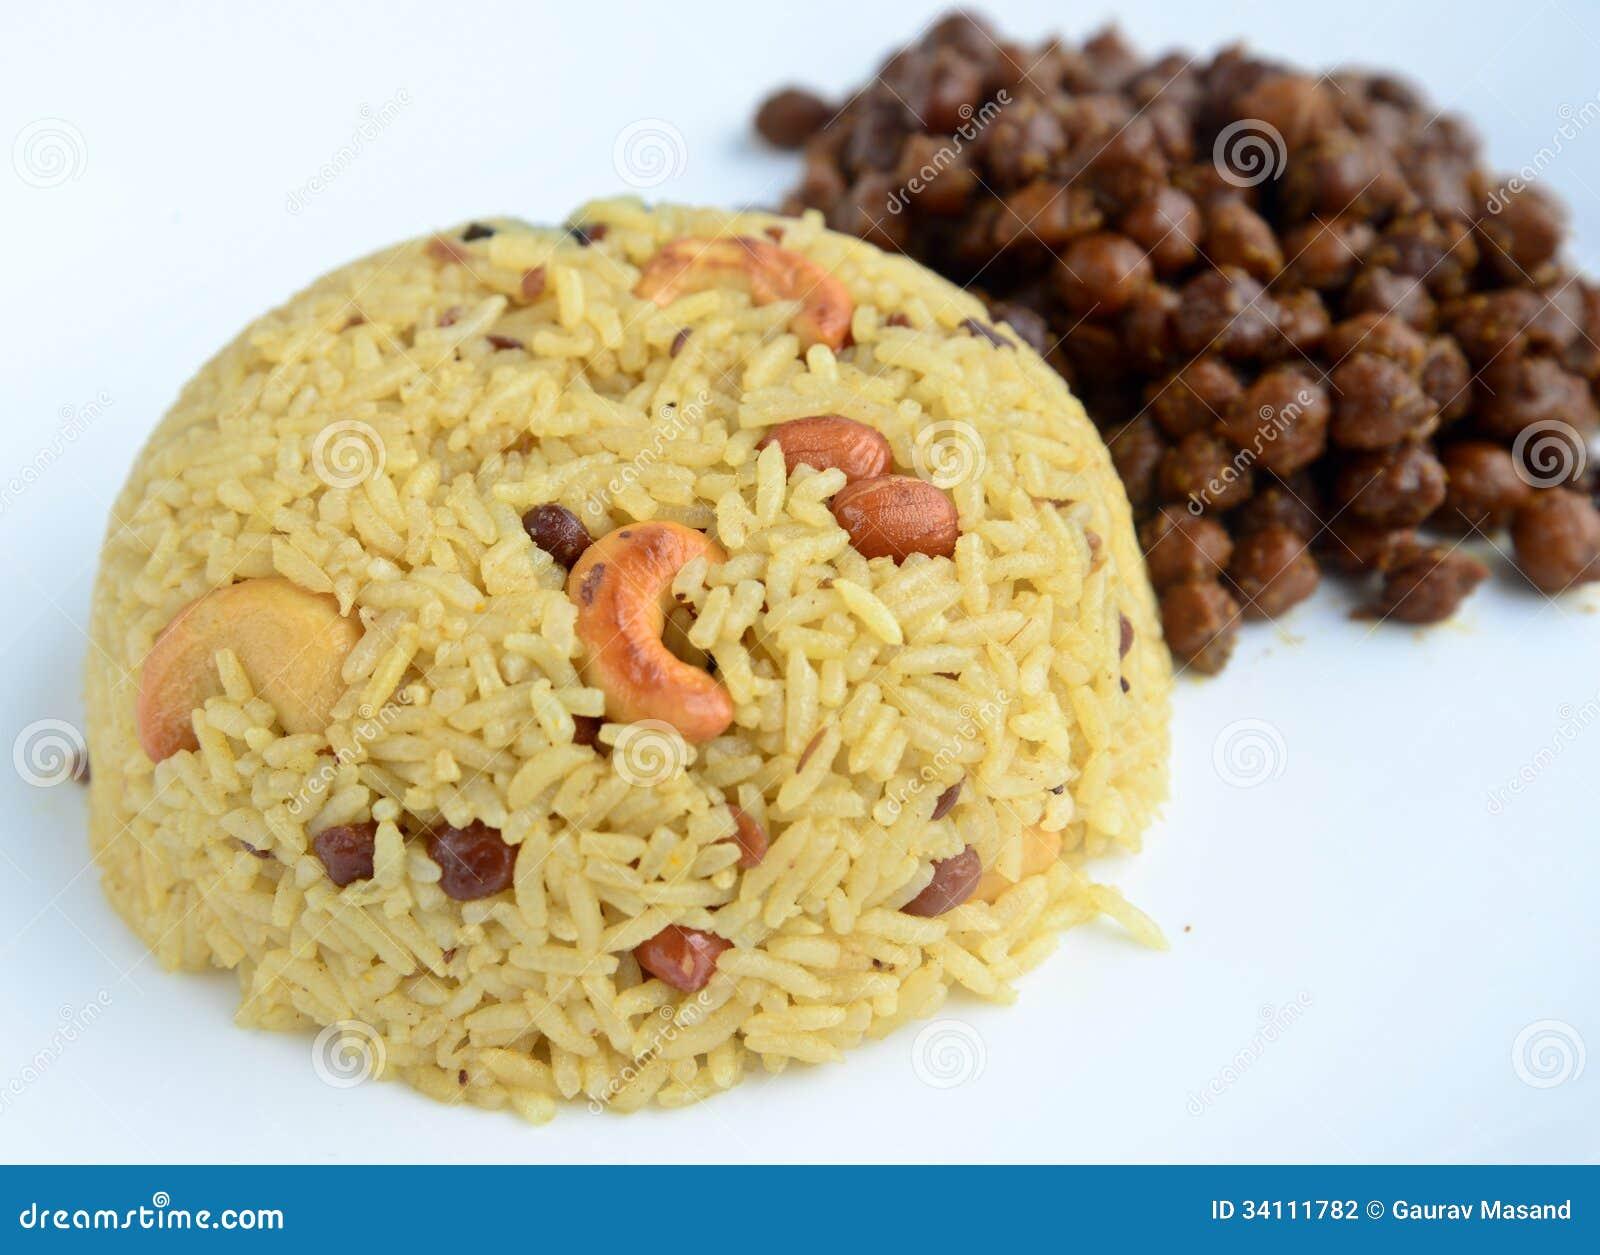 Thepla Indian Food